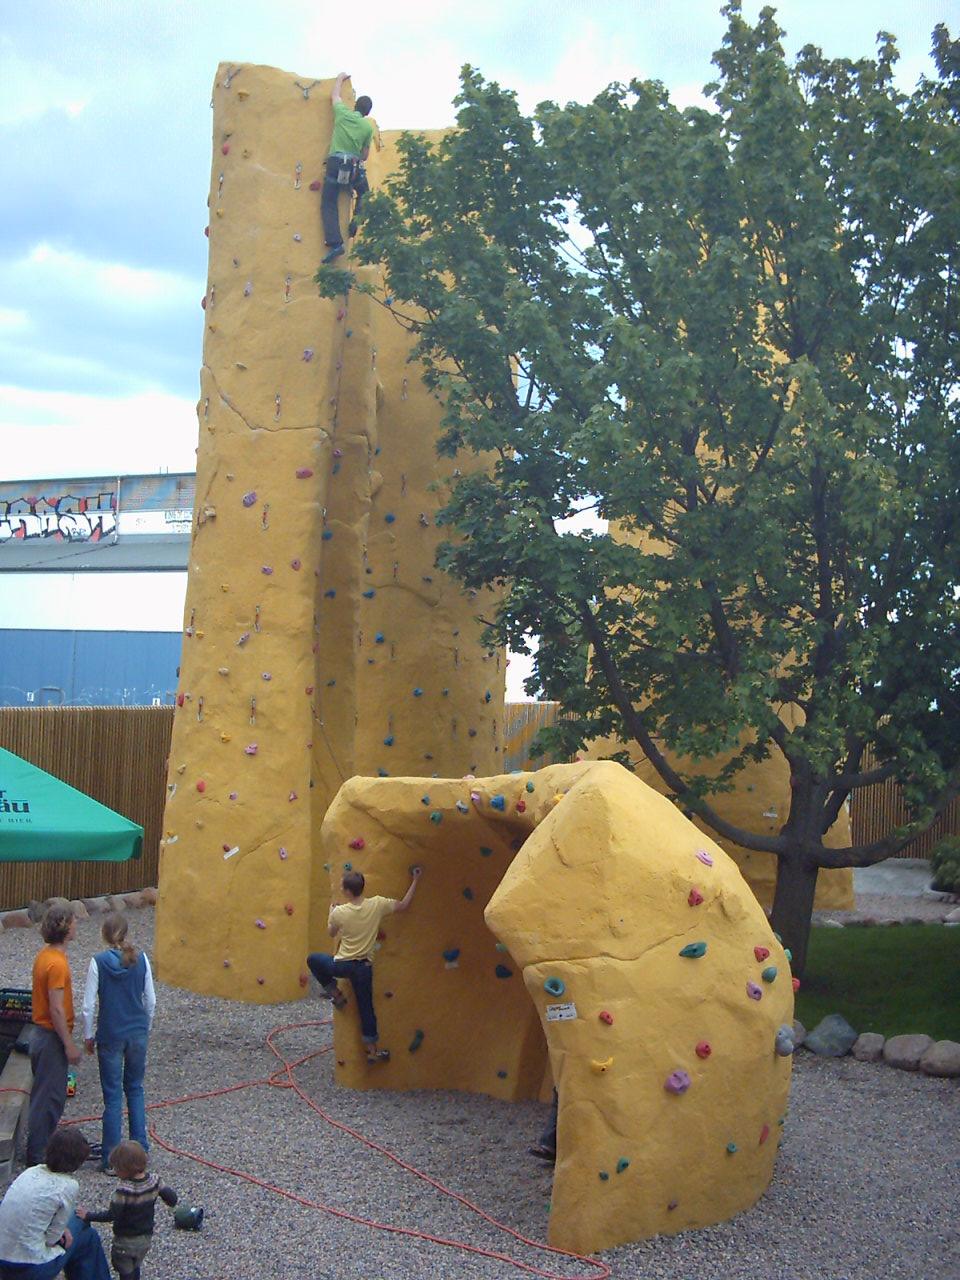 Kletterhalle Magic Mountain Berlin 2009